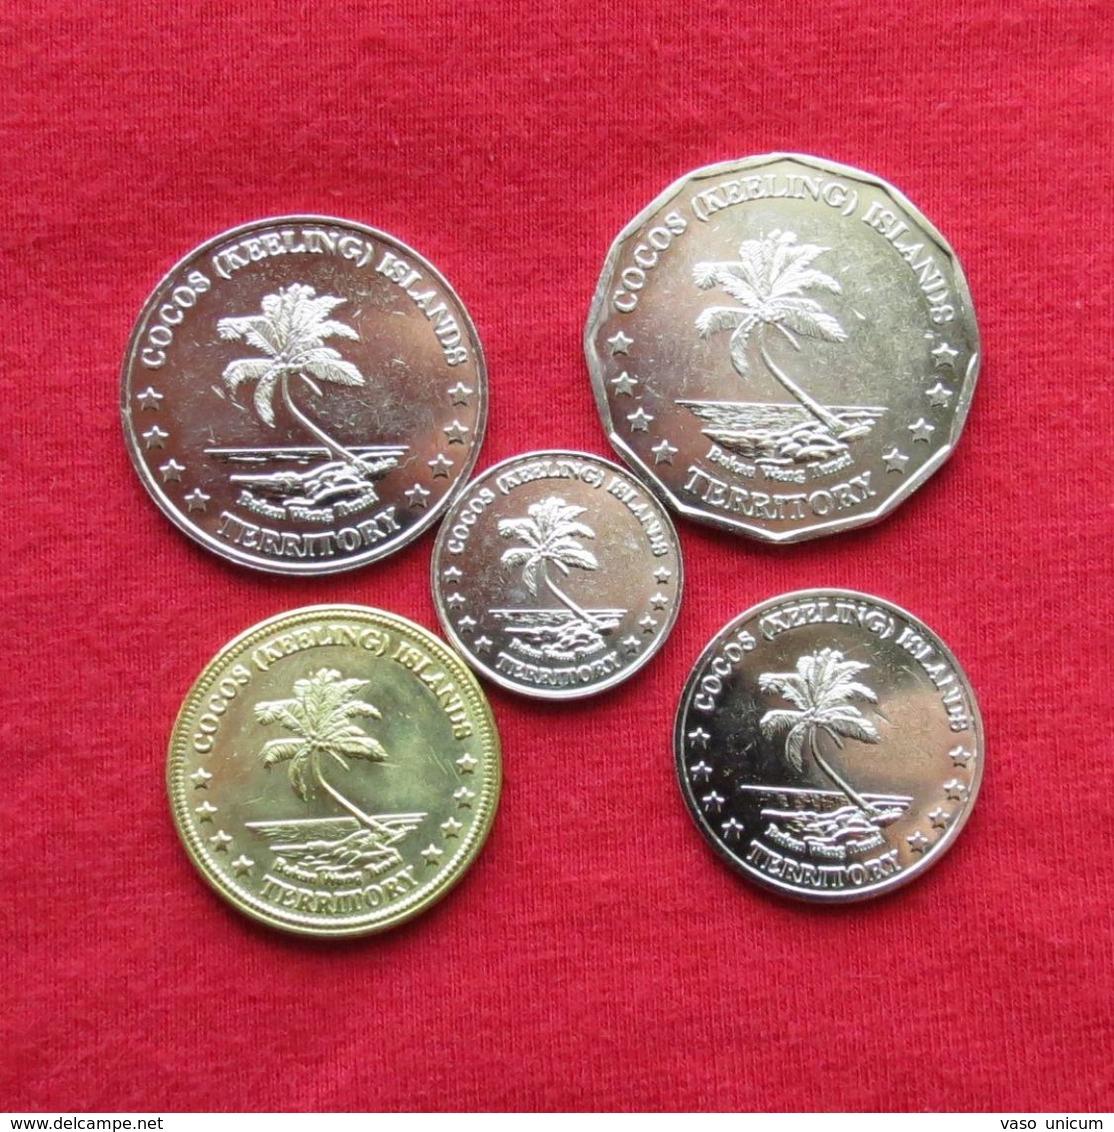 Cocos Keeling Isl. Set 5 10 20 50 Cents $ 1 - 2004 UNC - Monnaies